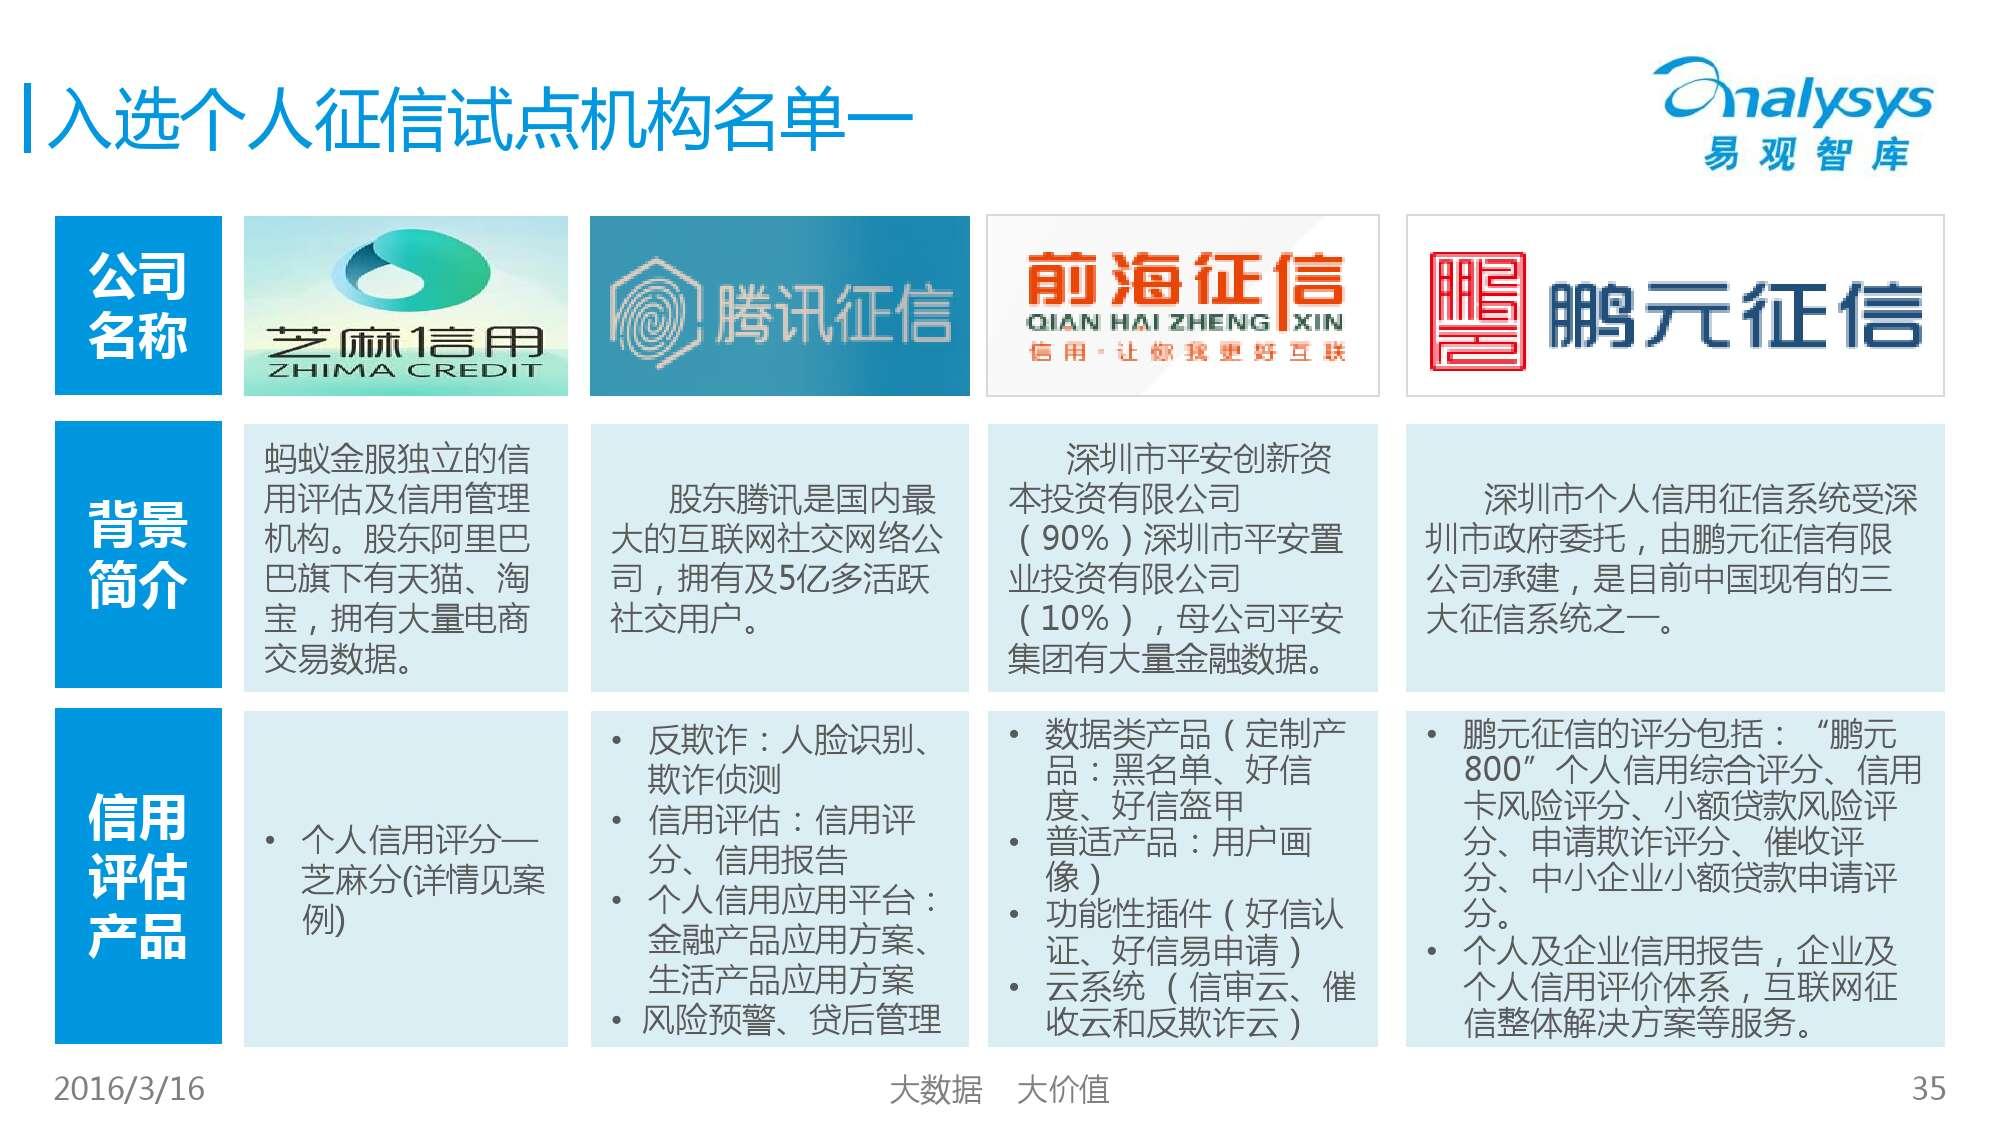 中国征信行业专题研究报告2016_000035